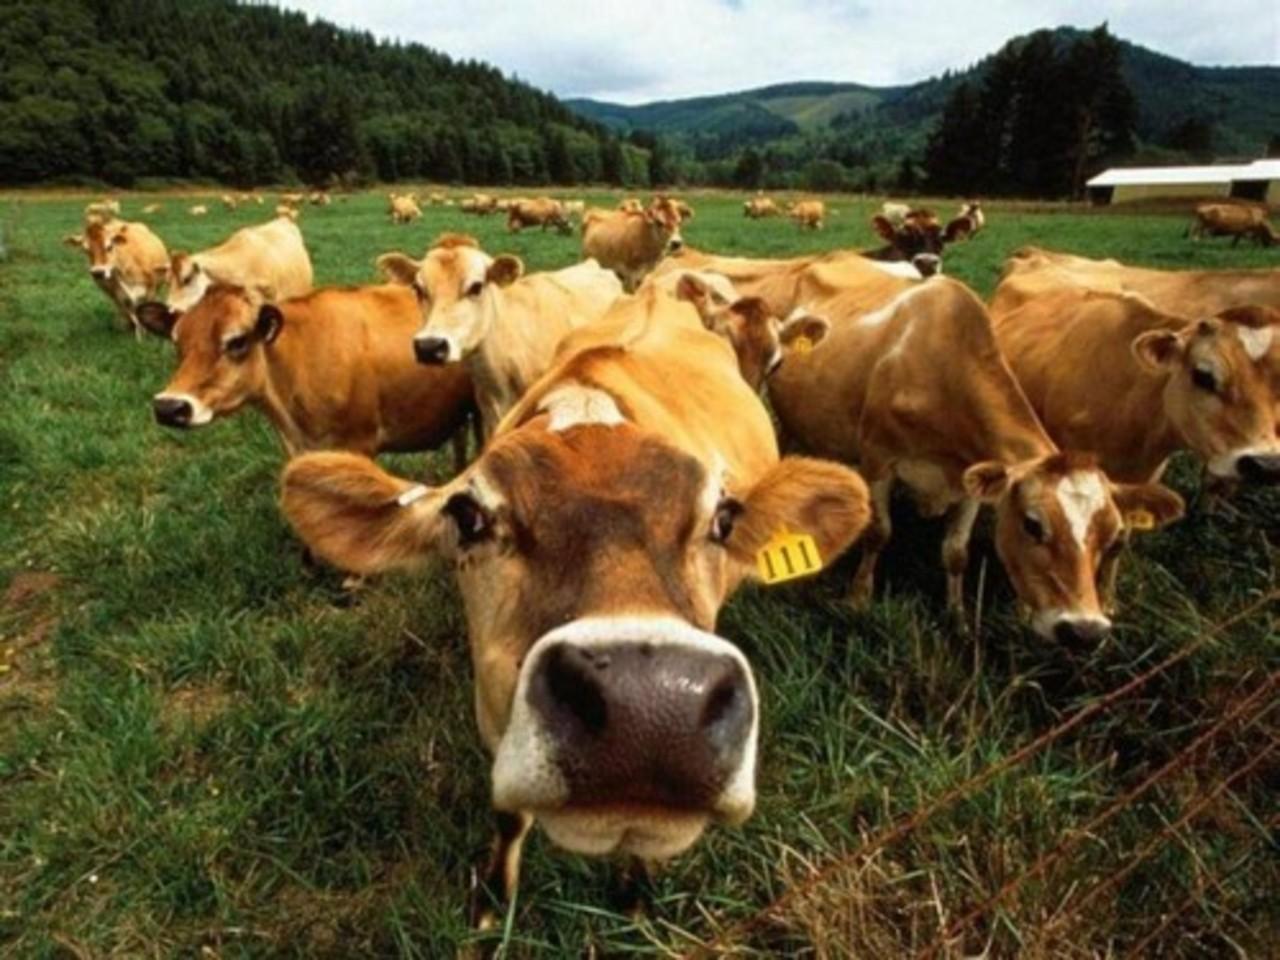 якутские и русские коровы | Галереи.Ykt.Ru | 960x1280